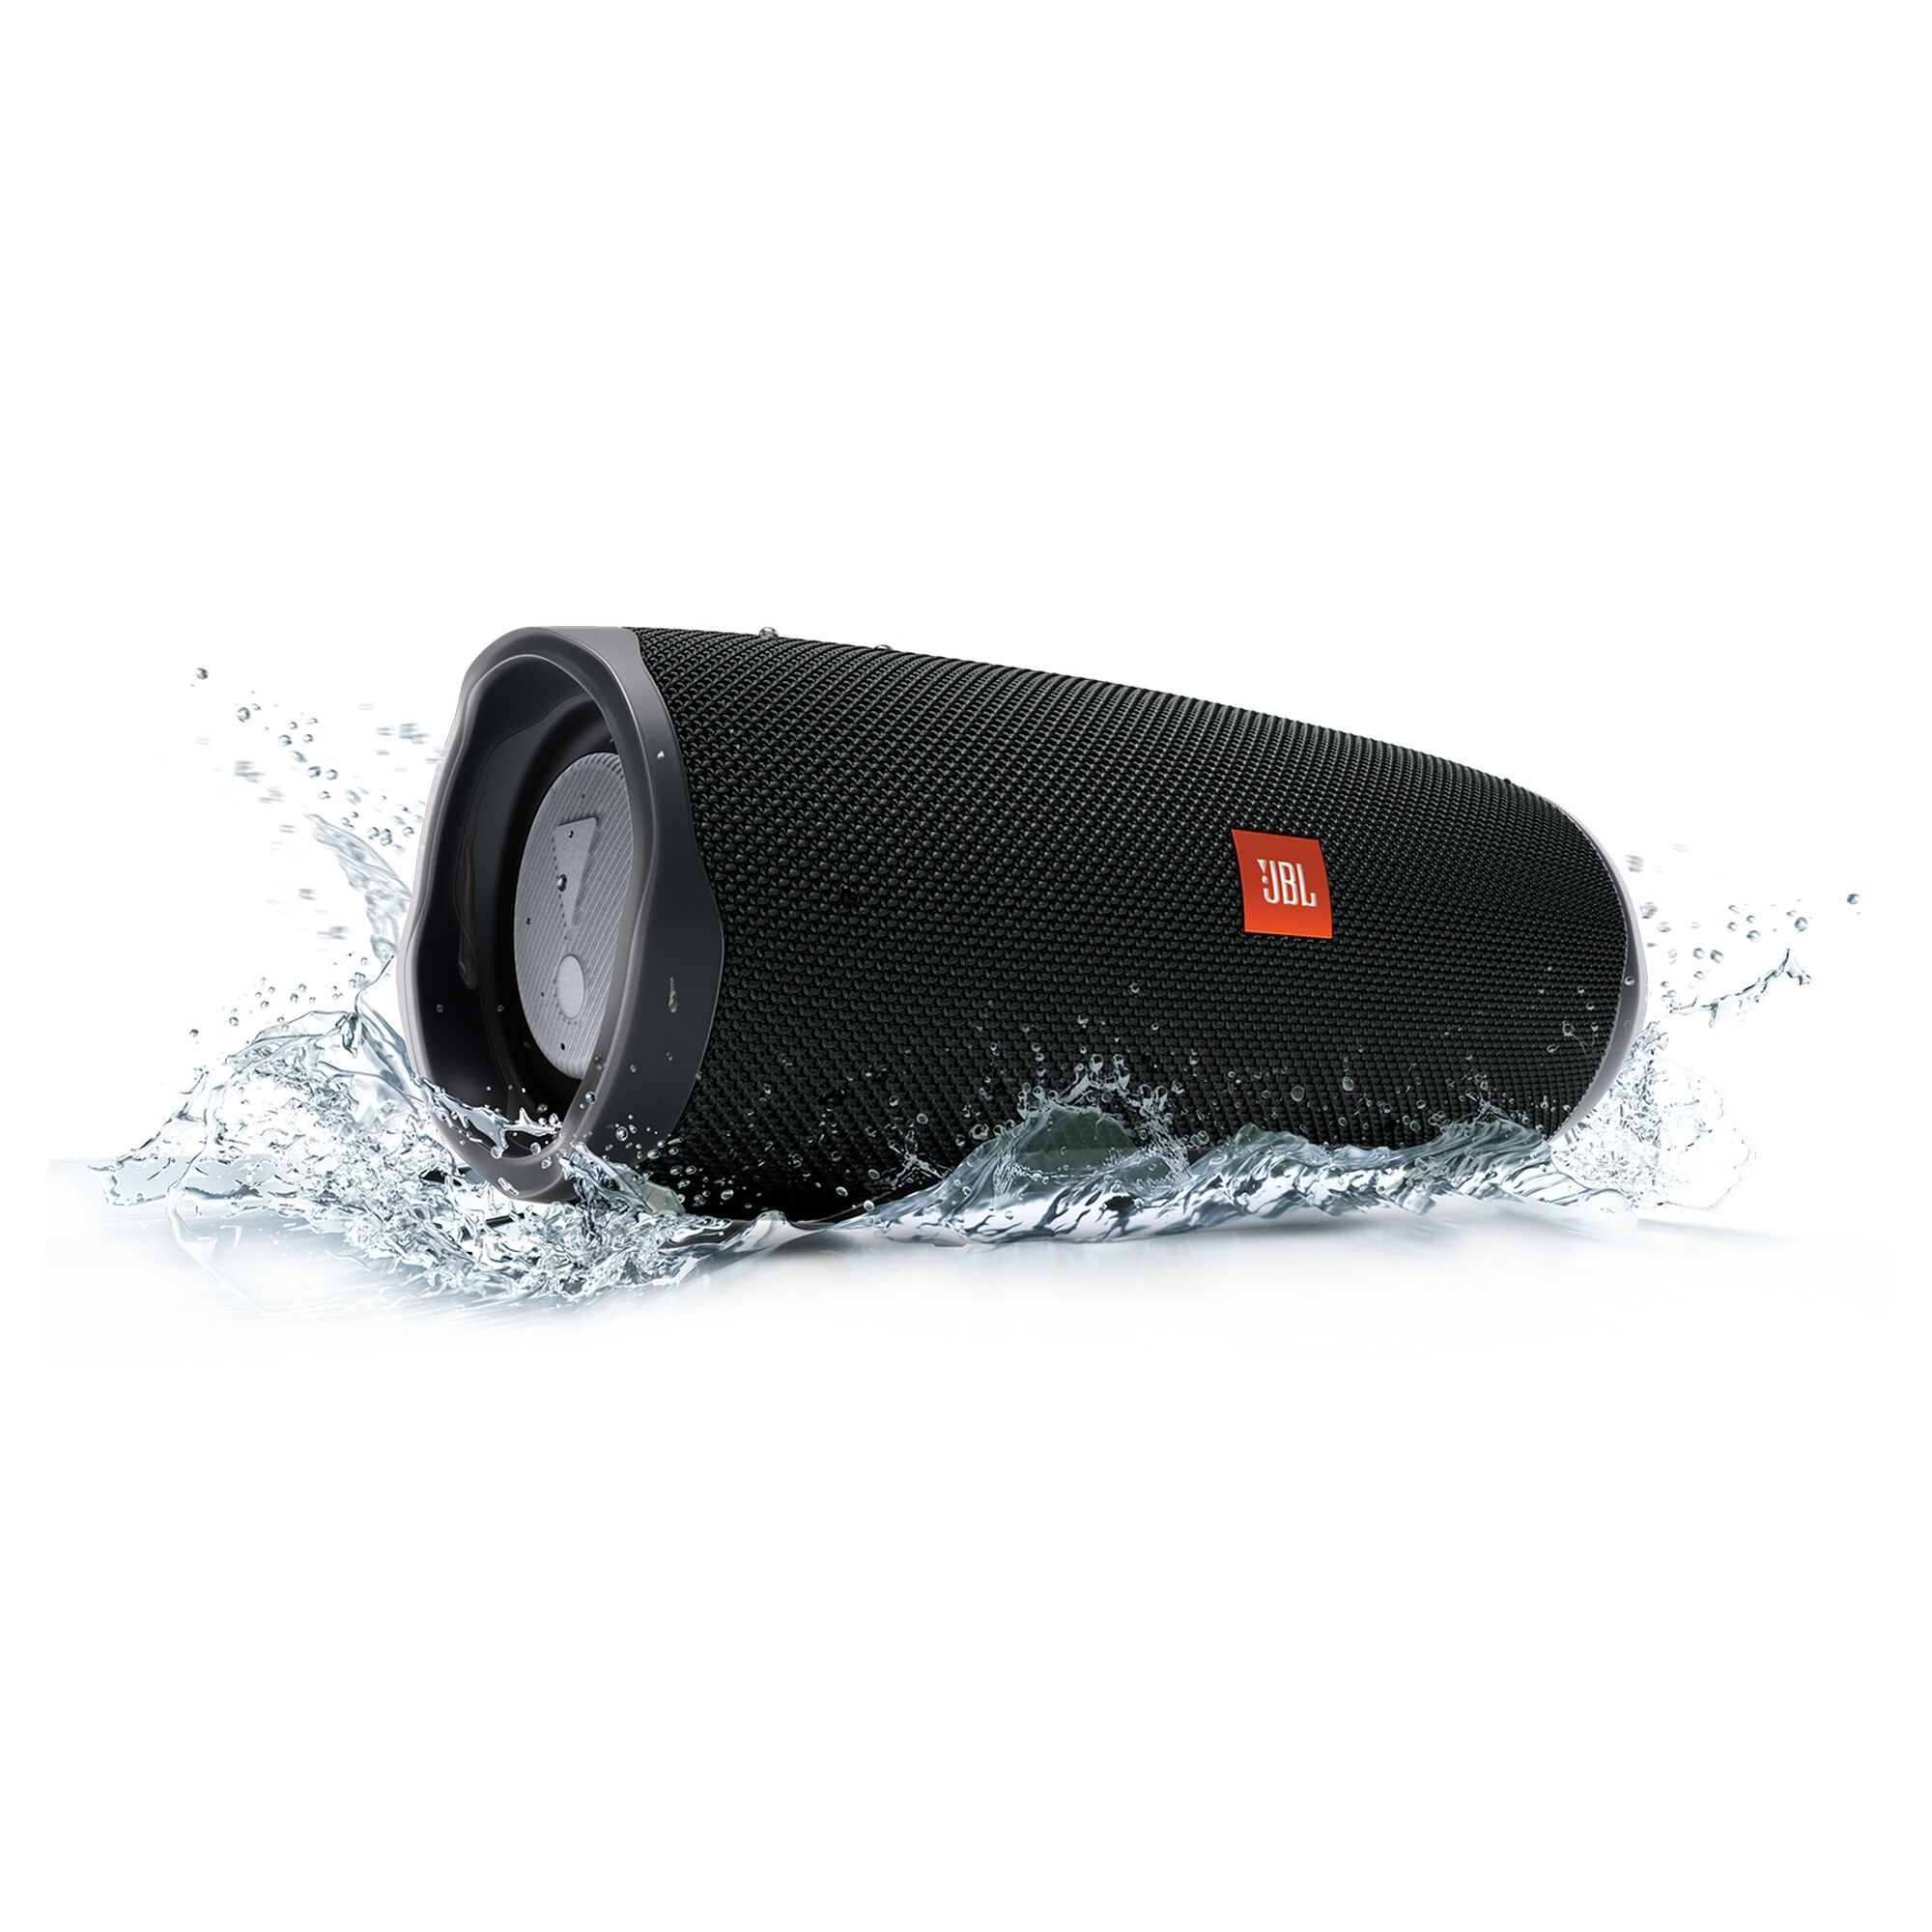 JBL_Charge4-Water_Splash_Black_Hero-1605x1605px